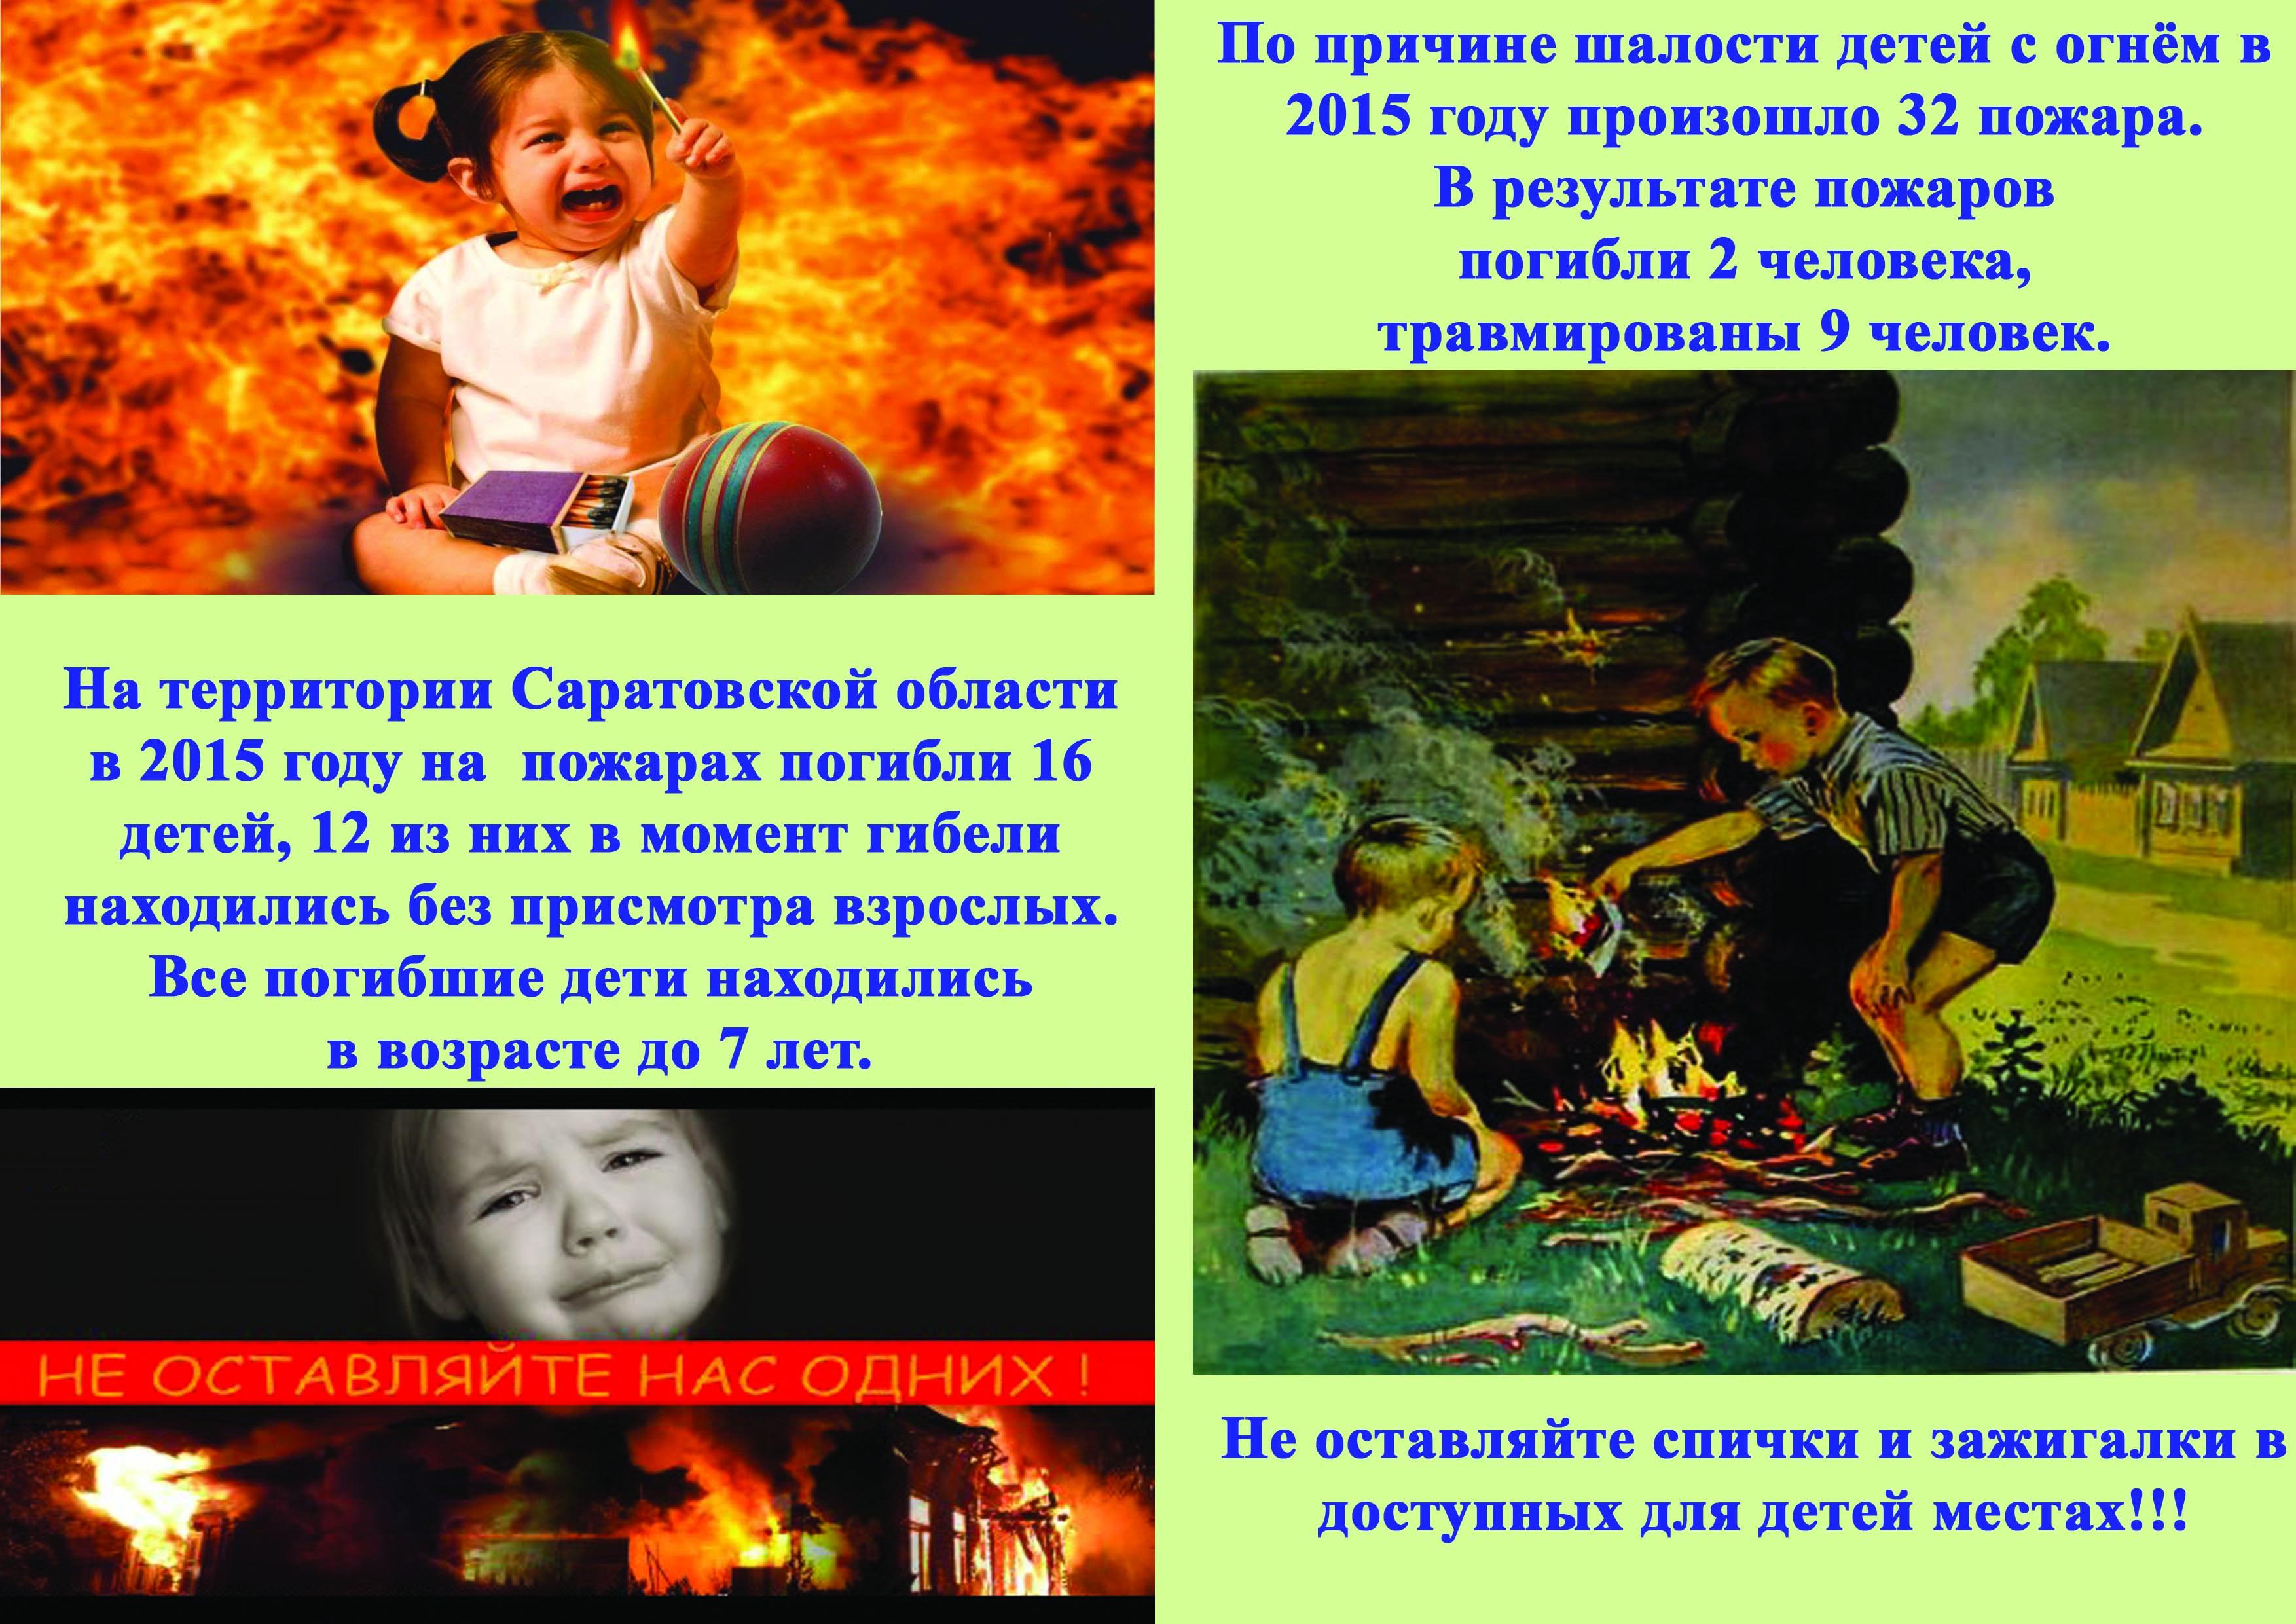 Фото детей в огне